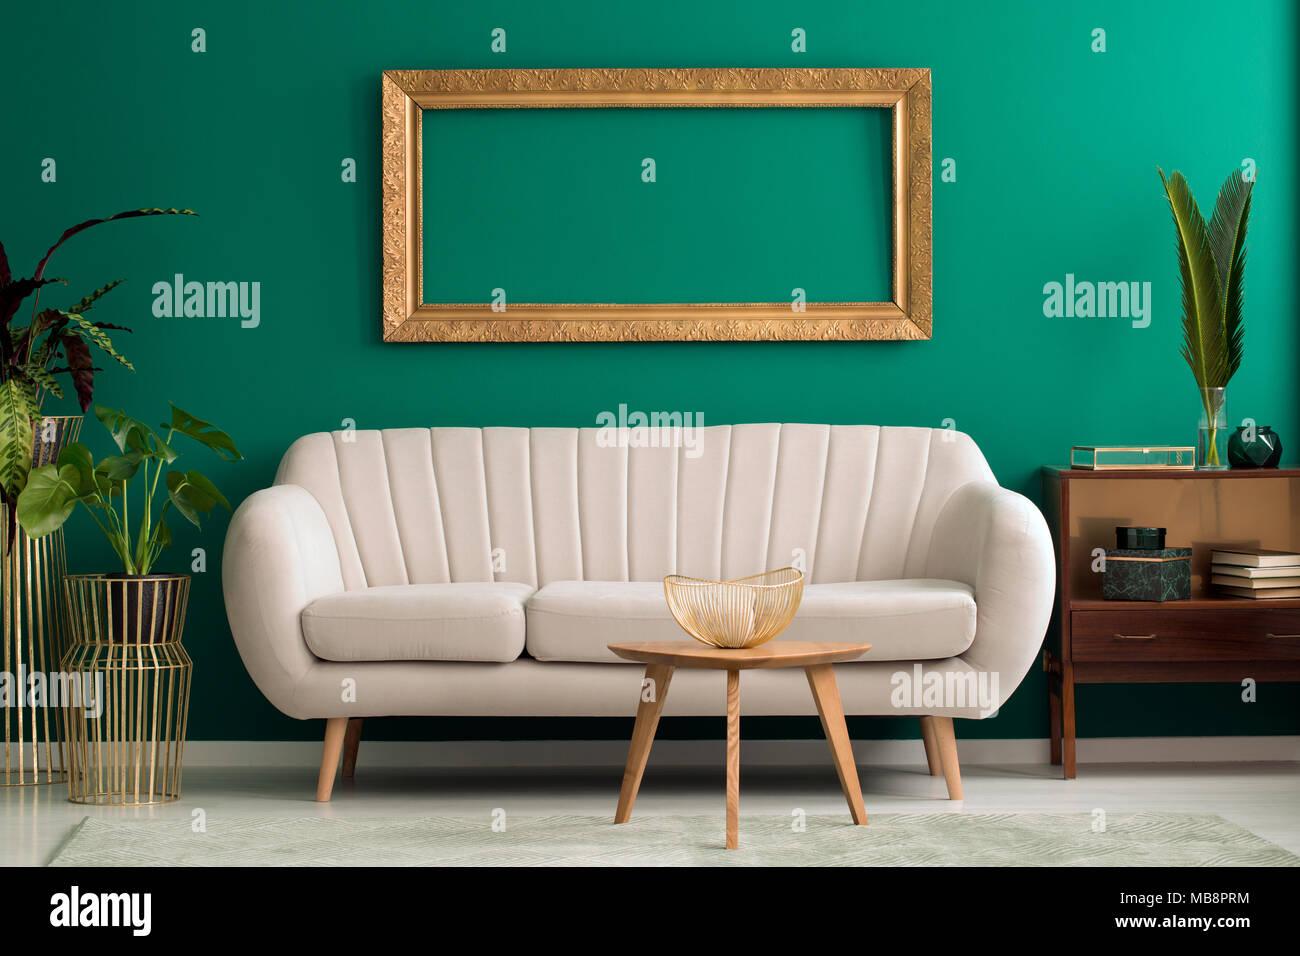 Holztisch Vor Beige Couch Gegen Grune Wand Mit Mockup In Wohnzimmer